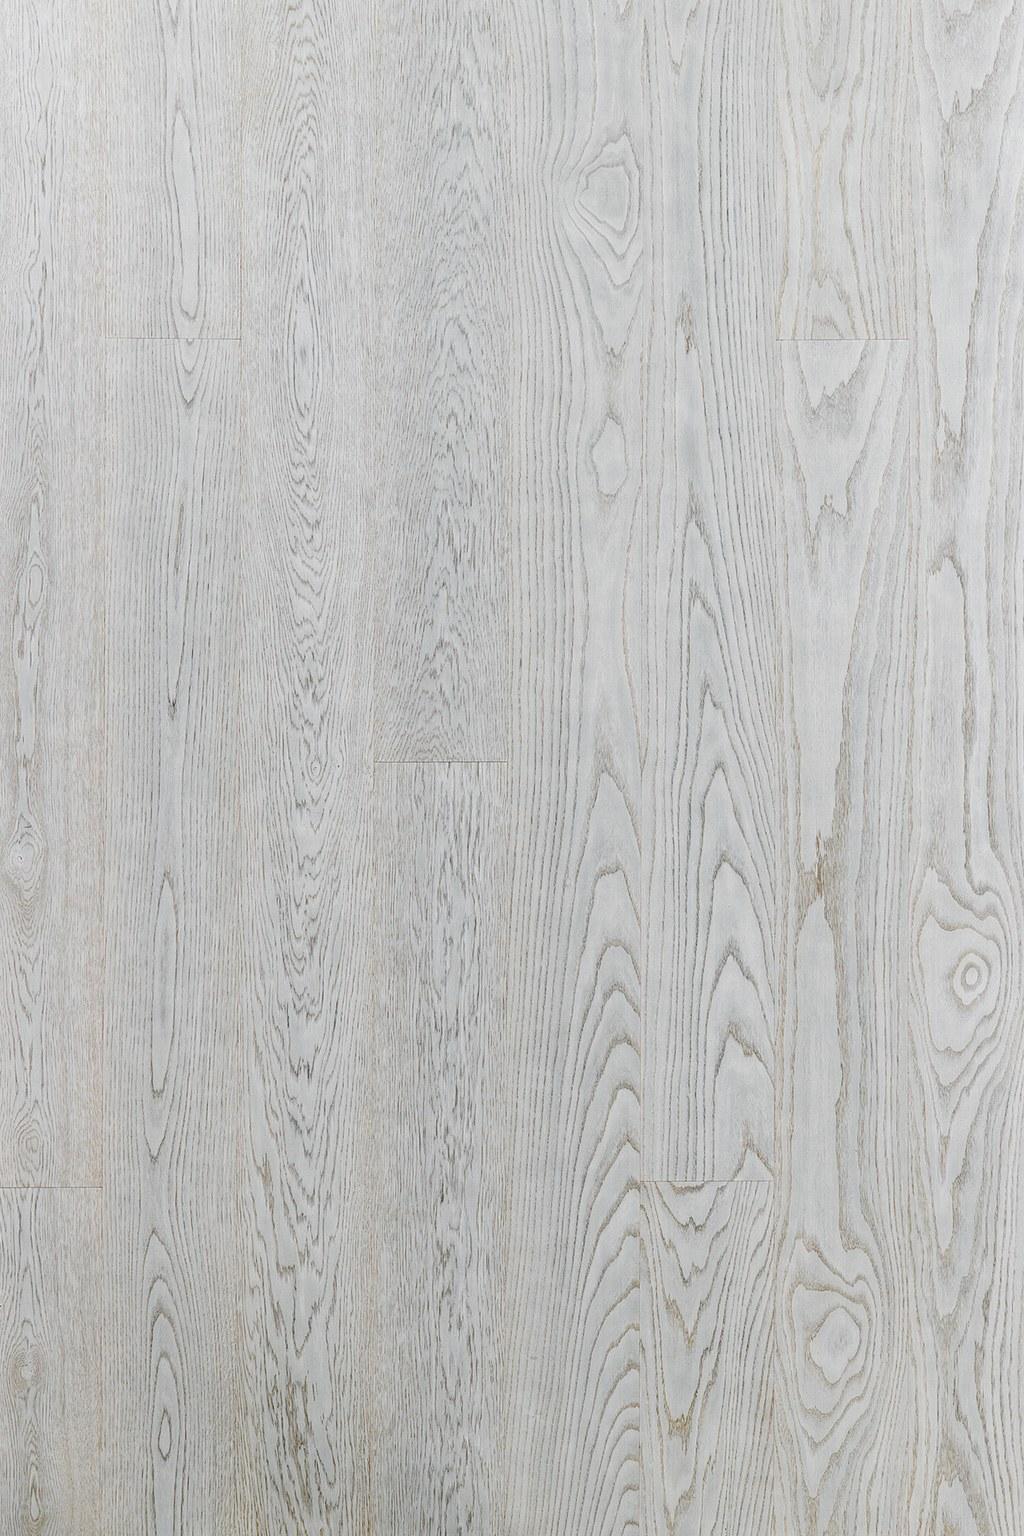 Timberwise Parketti Lankkuparketti Puulattia Wooden Floor Parquet Plank Tammi Oak Husky 2D1